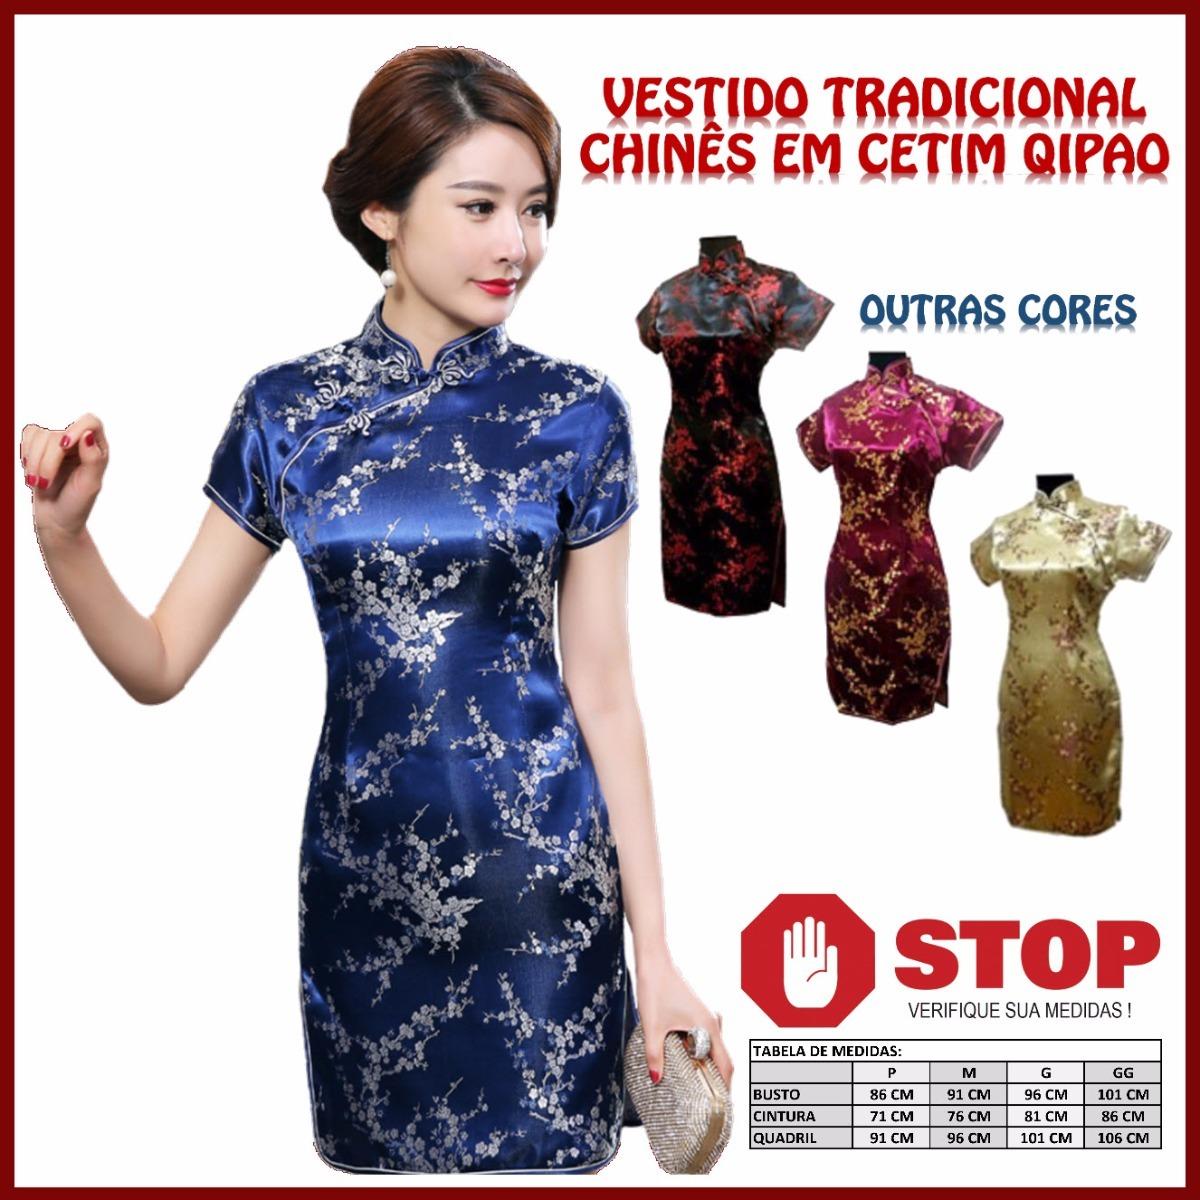 d14d3af2a4 Vestido Tradicional Chinês Cetim Curto Para Festas E Eventos - R ...